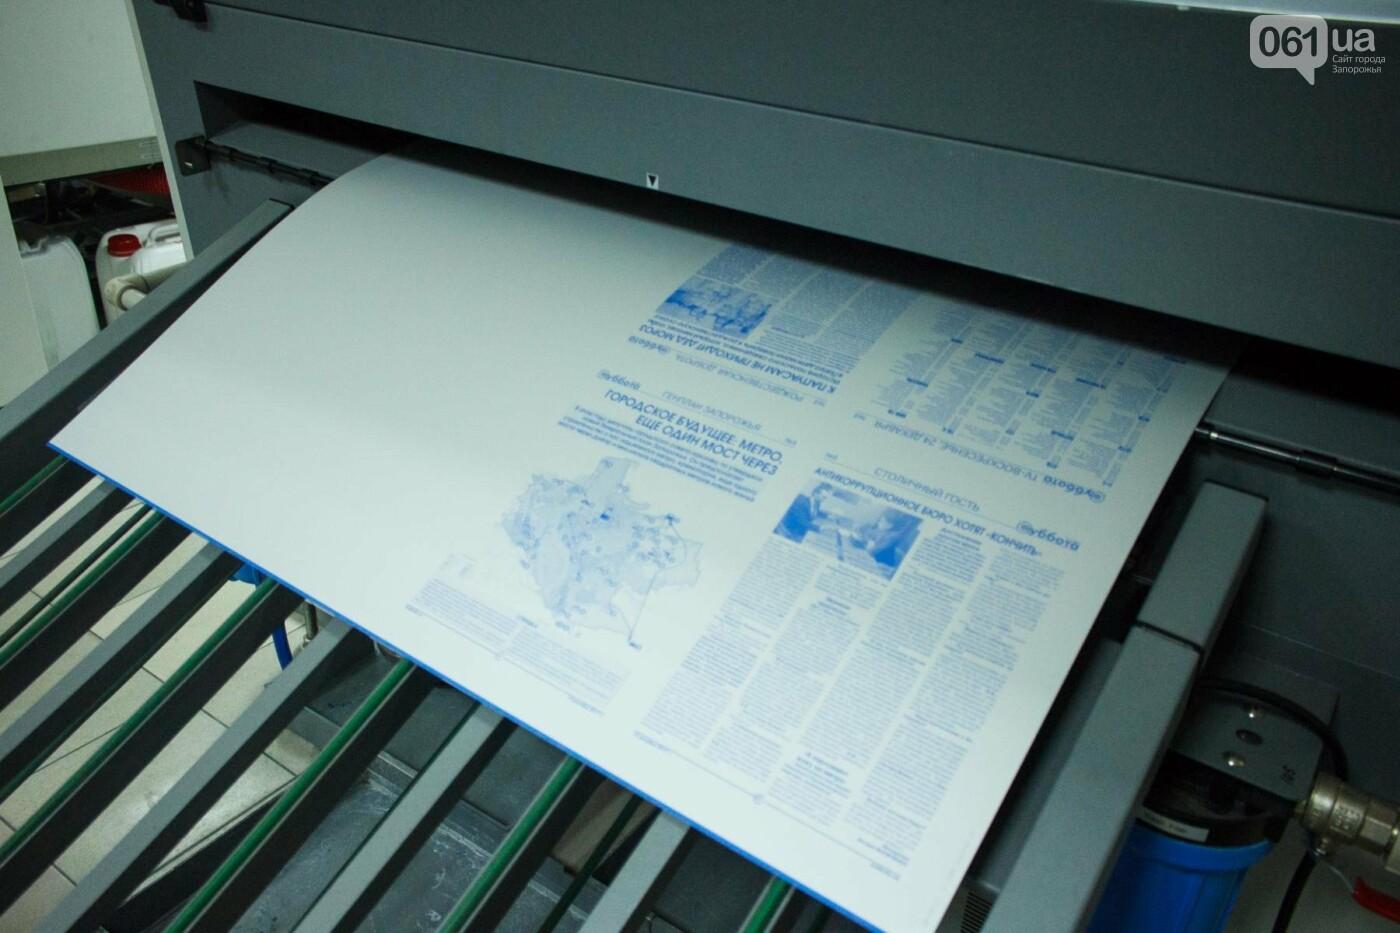 Как в Запорожье печатают газеты: экскурсия в типографию, - ФОТО, ВИДЕО, фото-12